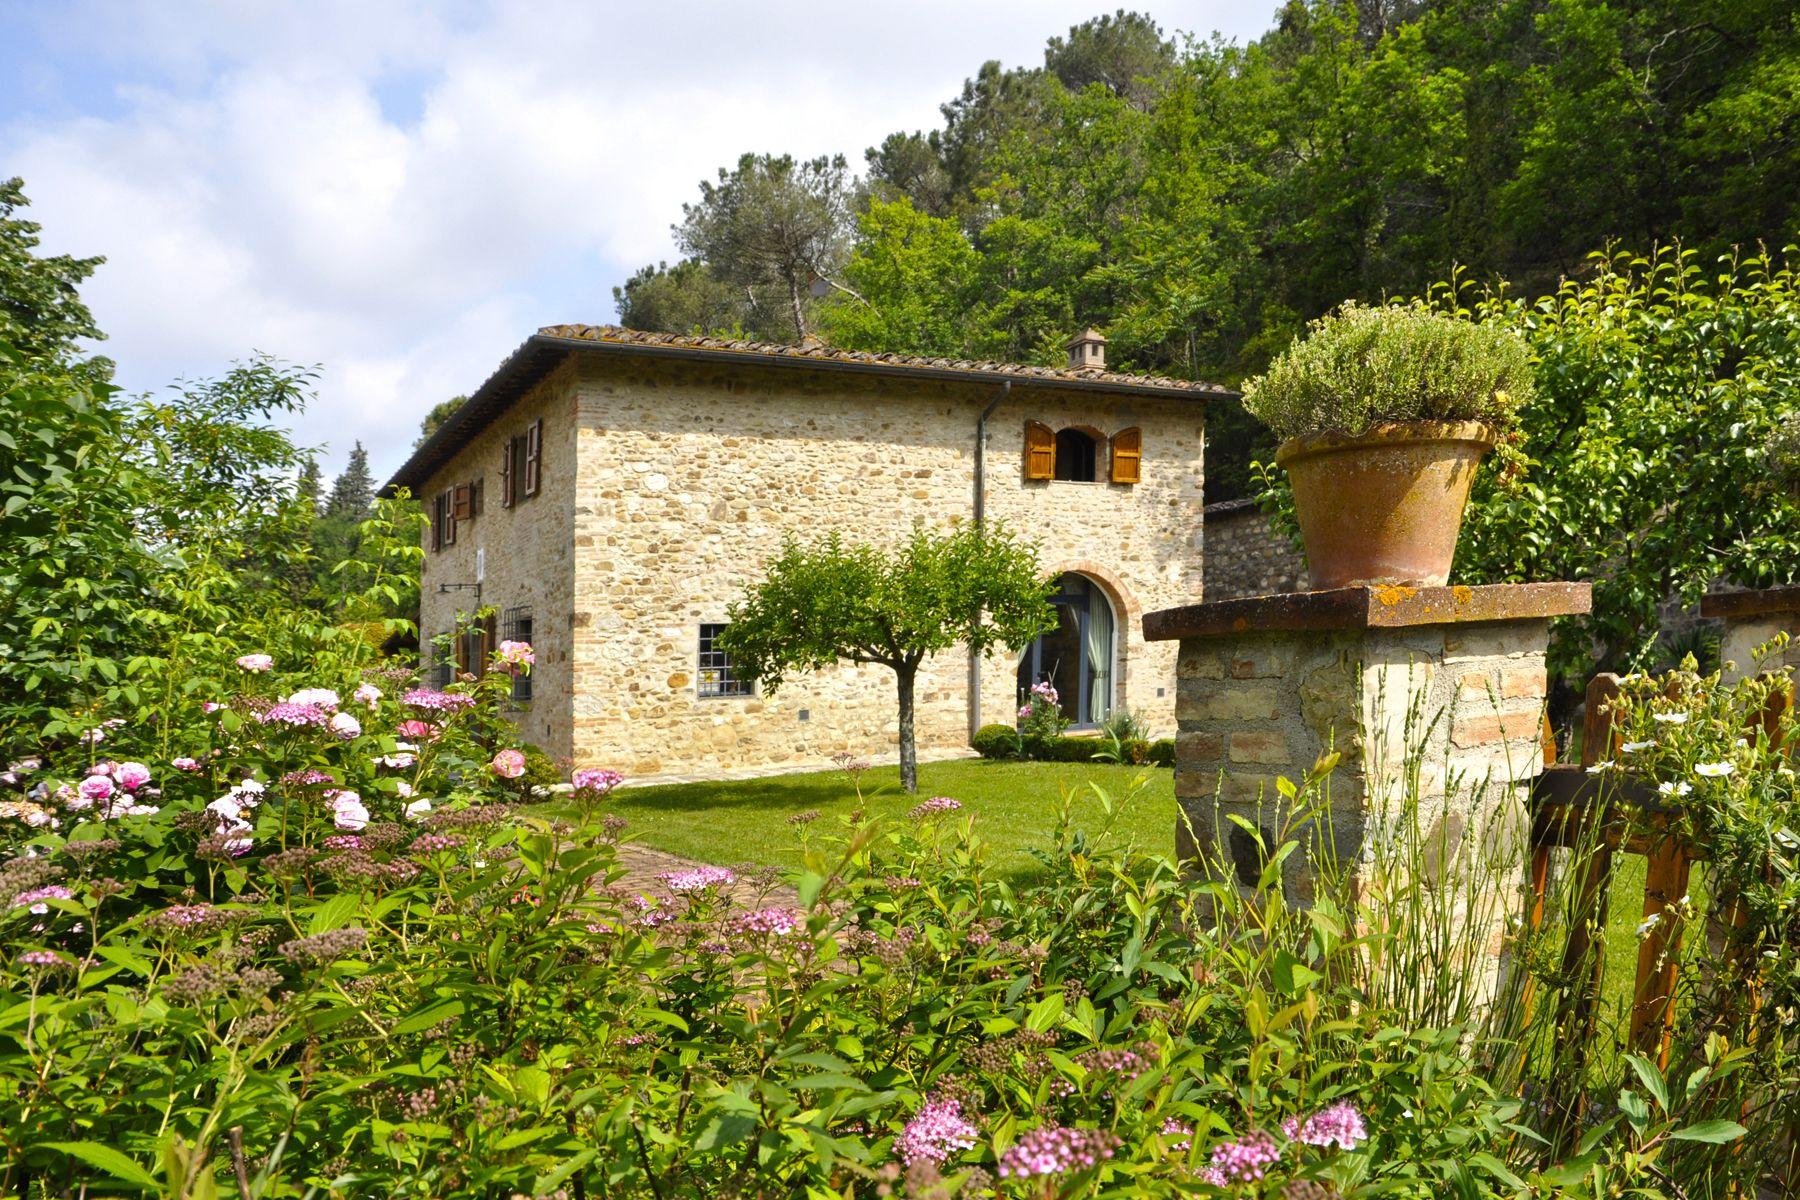 Casa terzona tuscany italian countryside villas pinterest